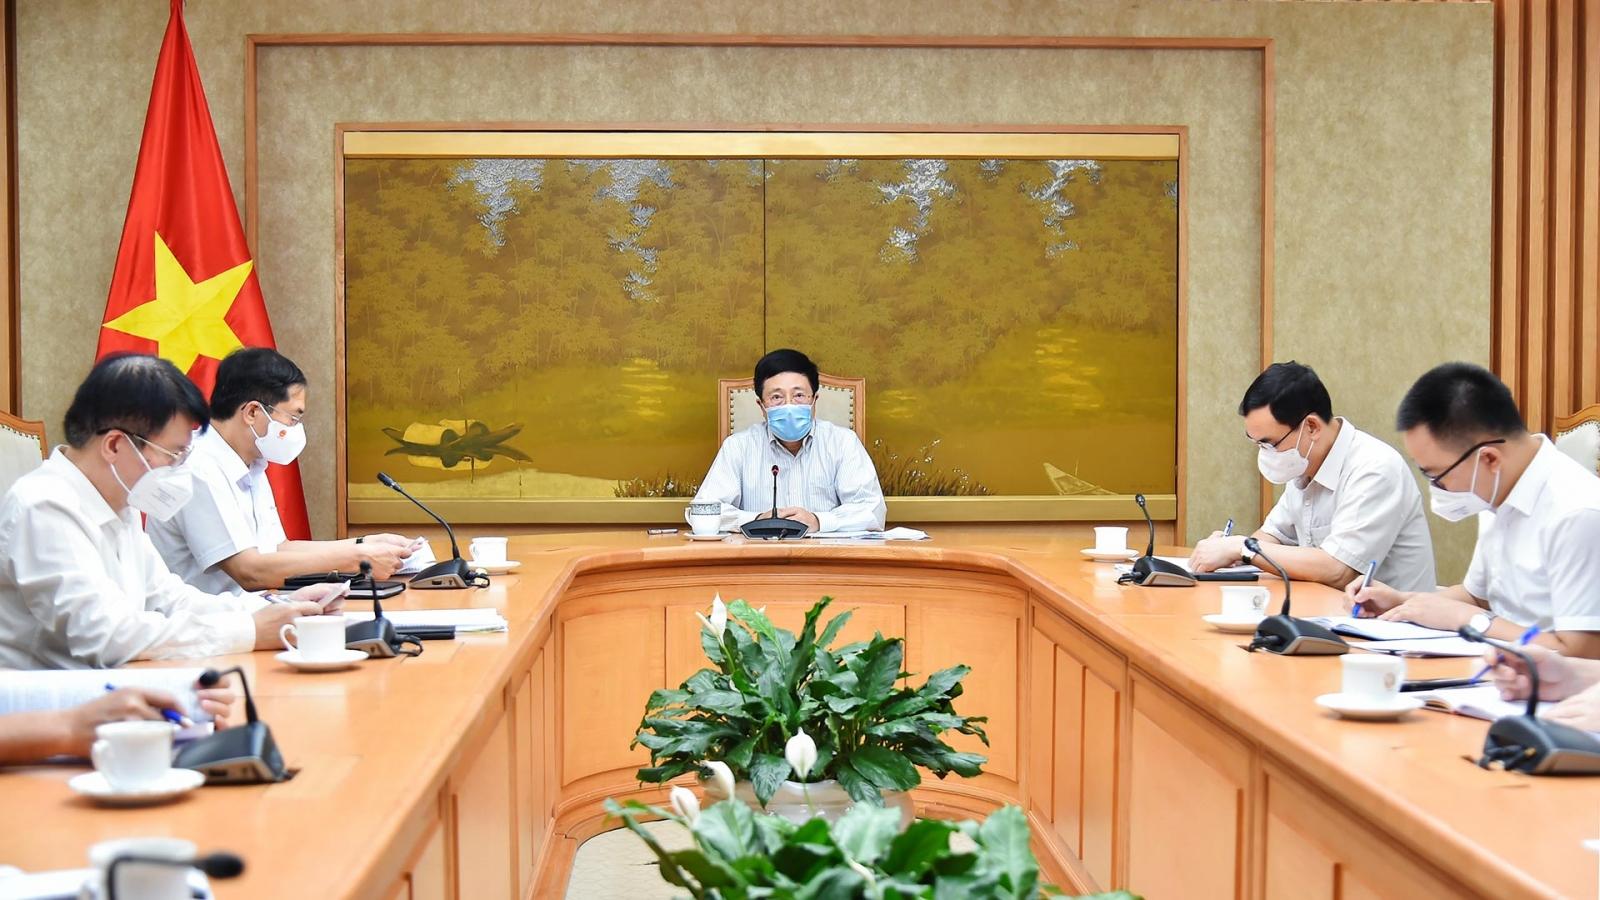 Phó Thủ tướng Phạm Bình Minh: Công tác ngoại giao vaccine đã đạt các kết quả tích cực